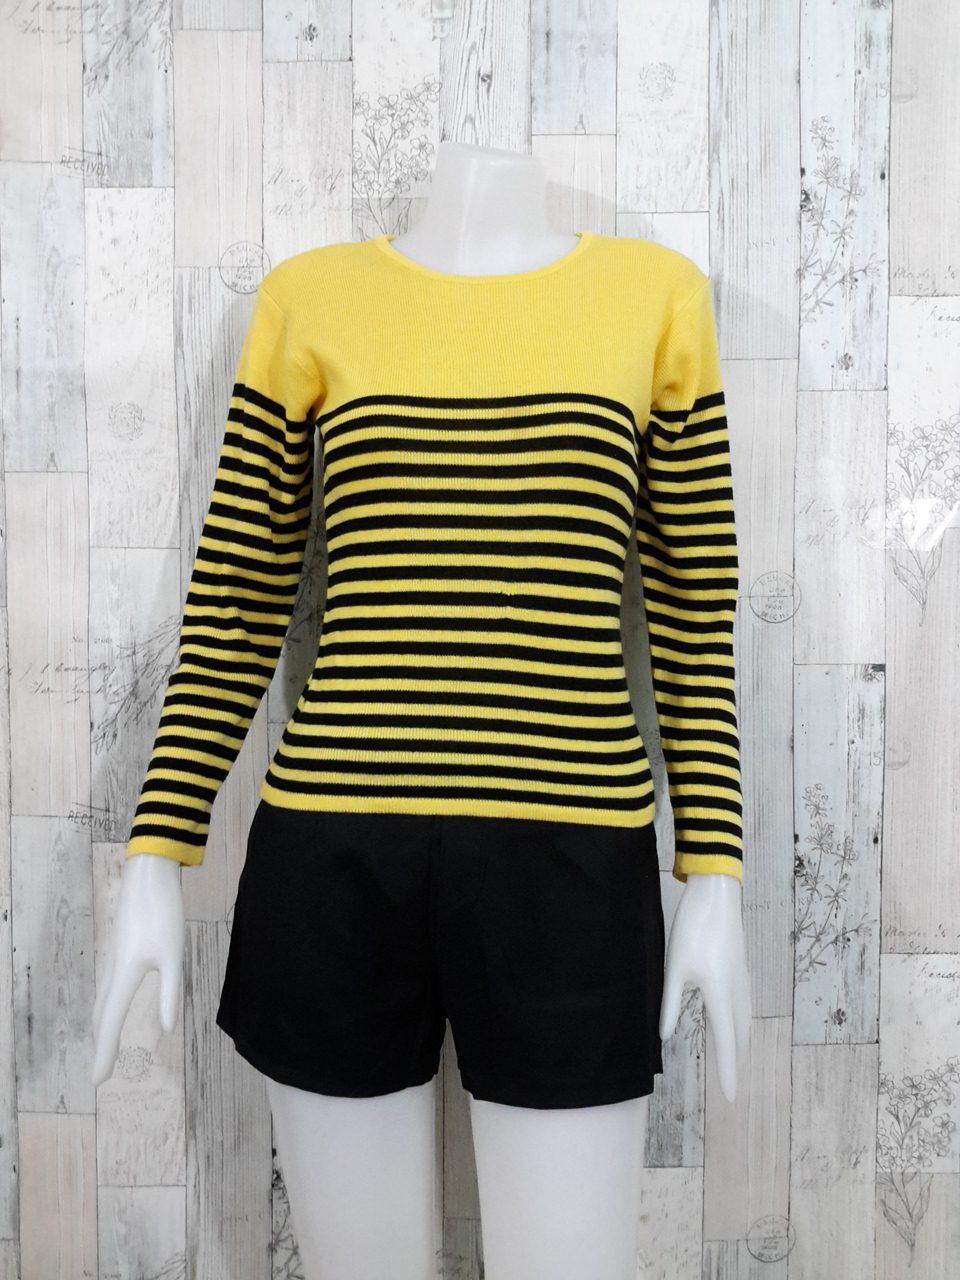 Blouse3532 2nd hand clothes เสื้อไหมพรมร่อง(เนื้อหนาปานกลาง) แขนยาว คอกลม ลายริ้วโทนสีเหลืองดำ